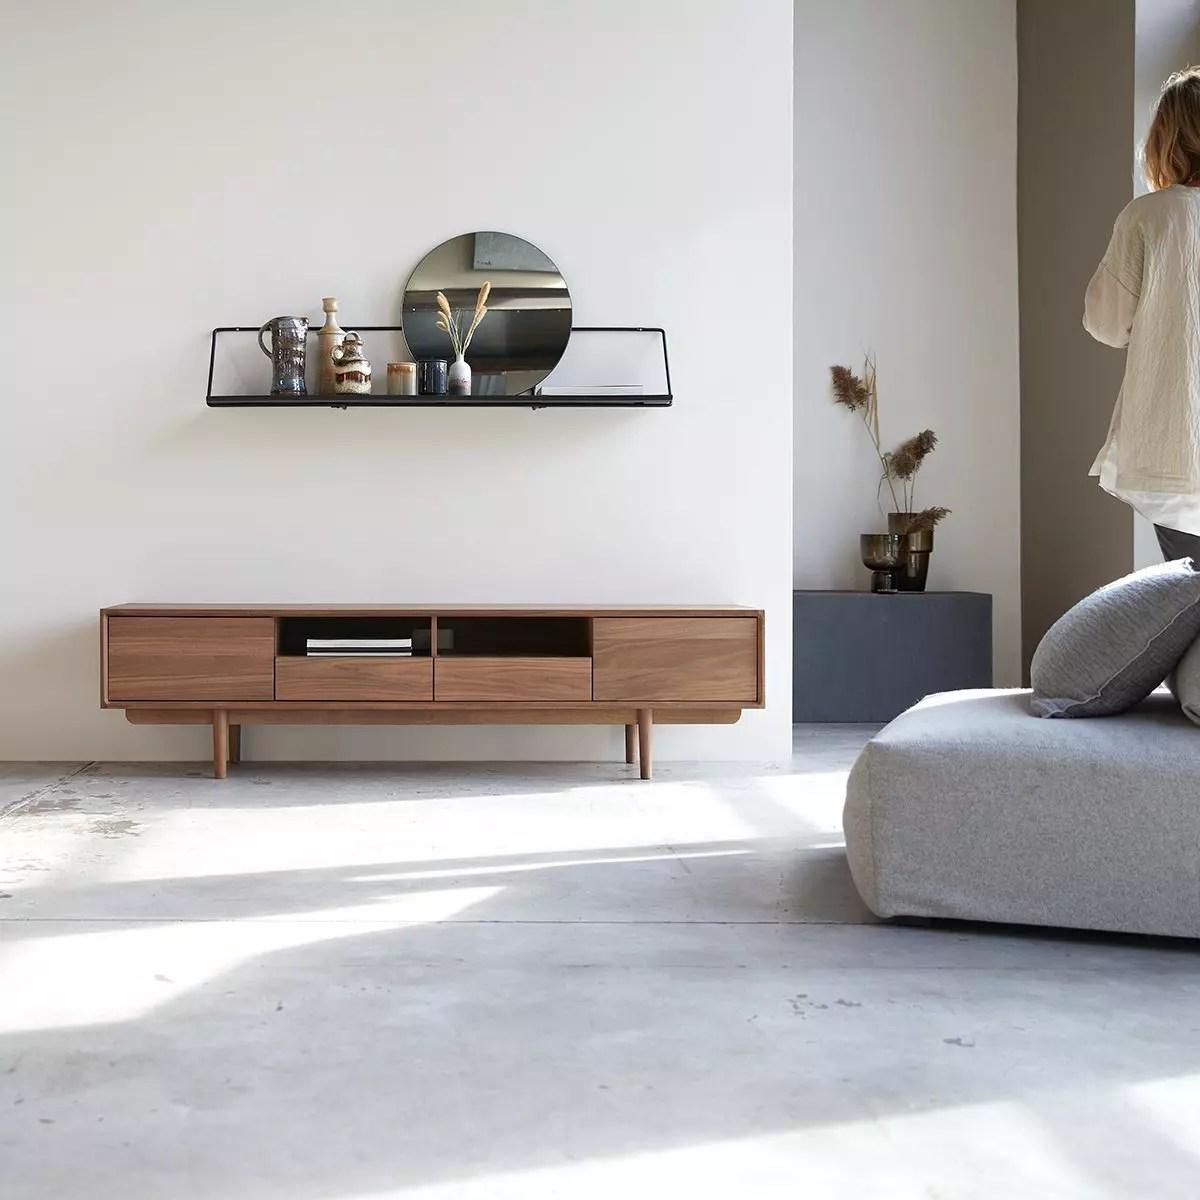 meuble tv en noyer massif ellie 180 cm